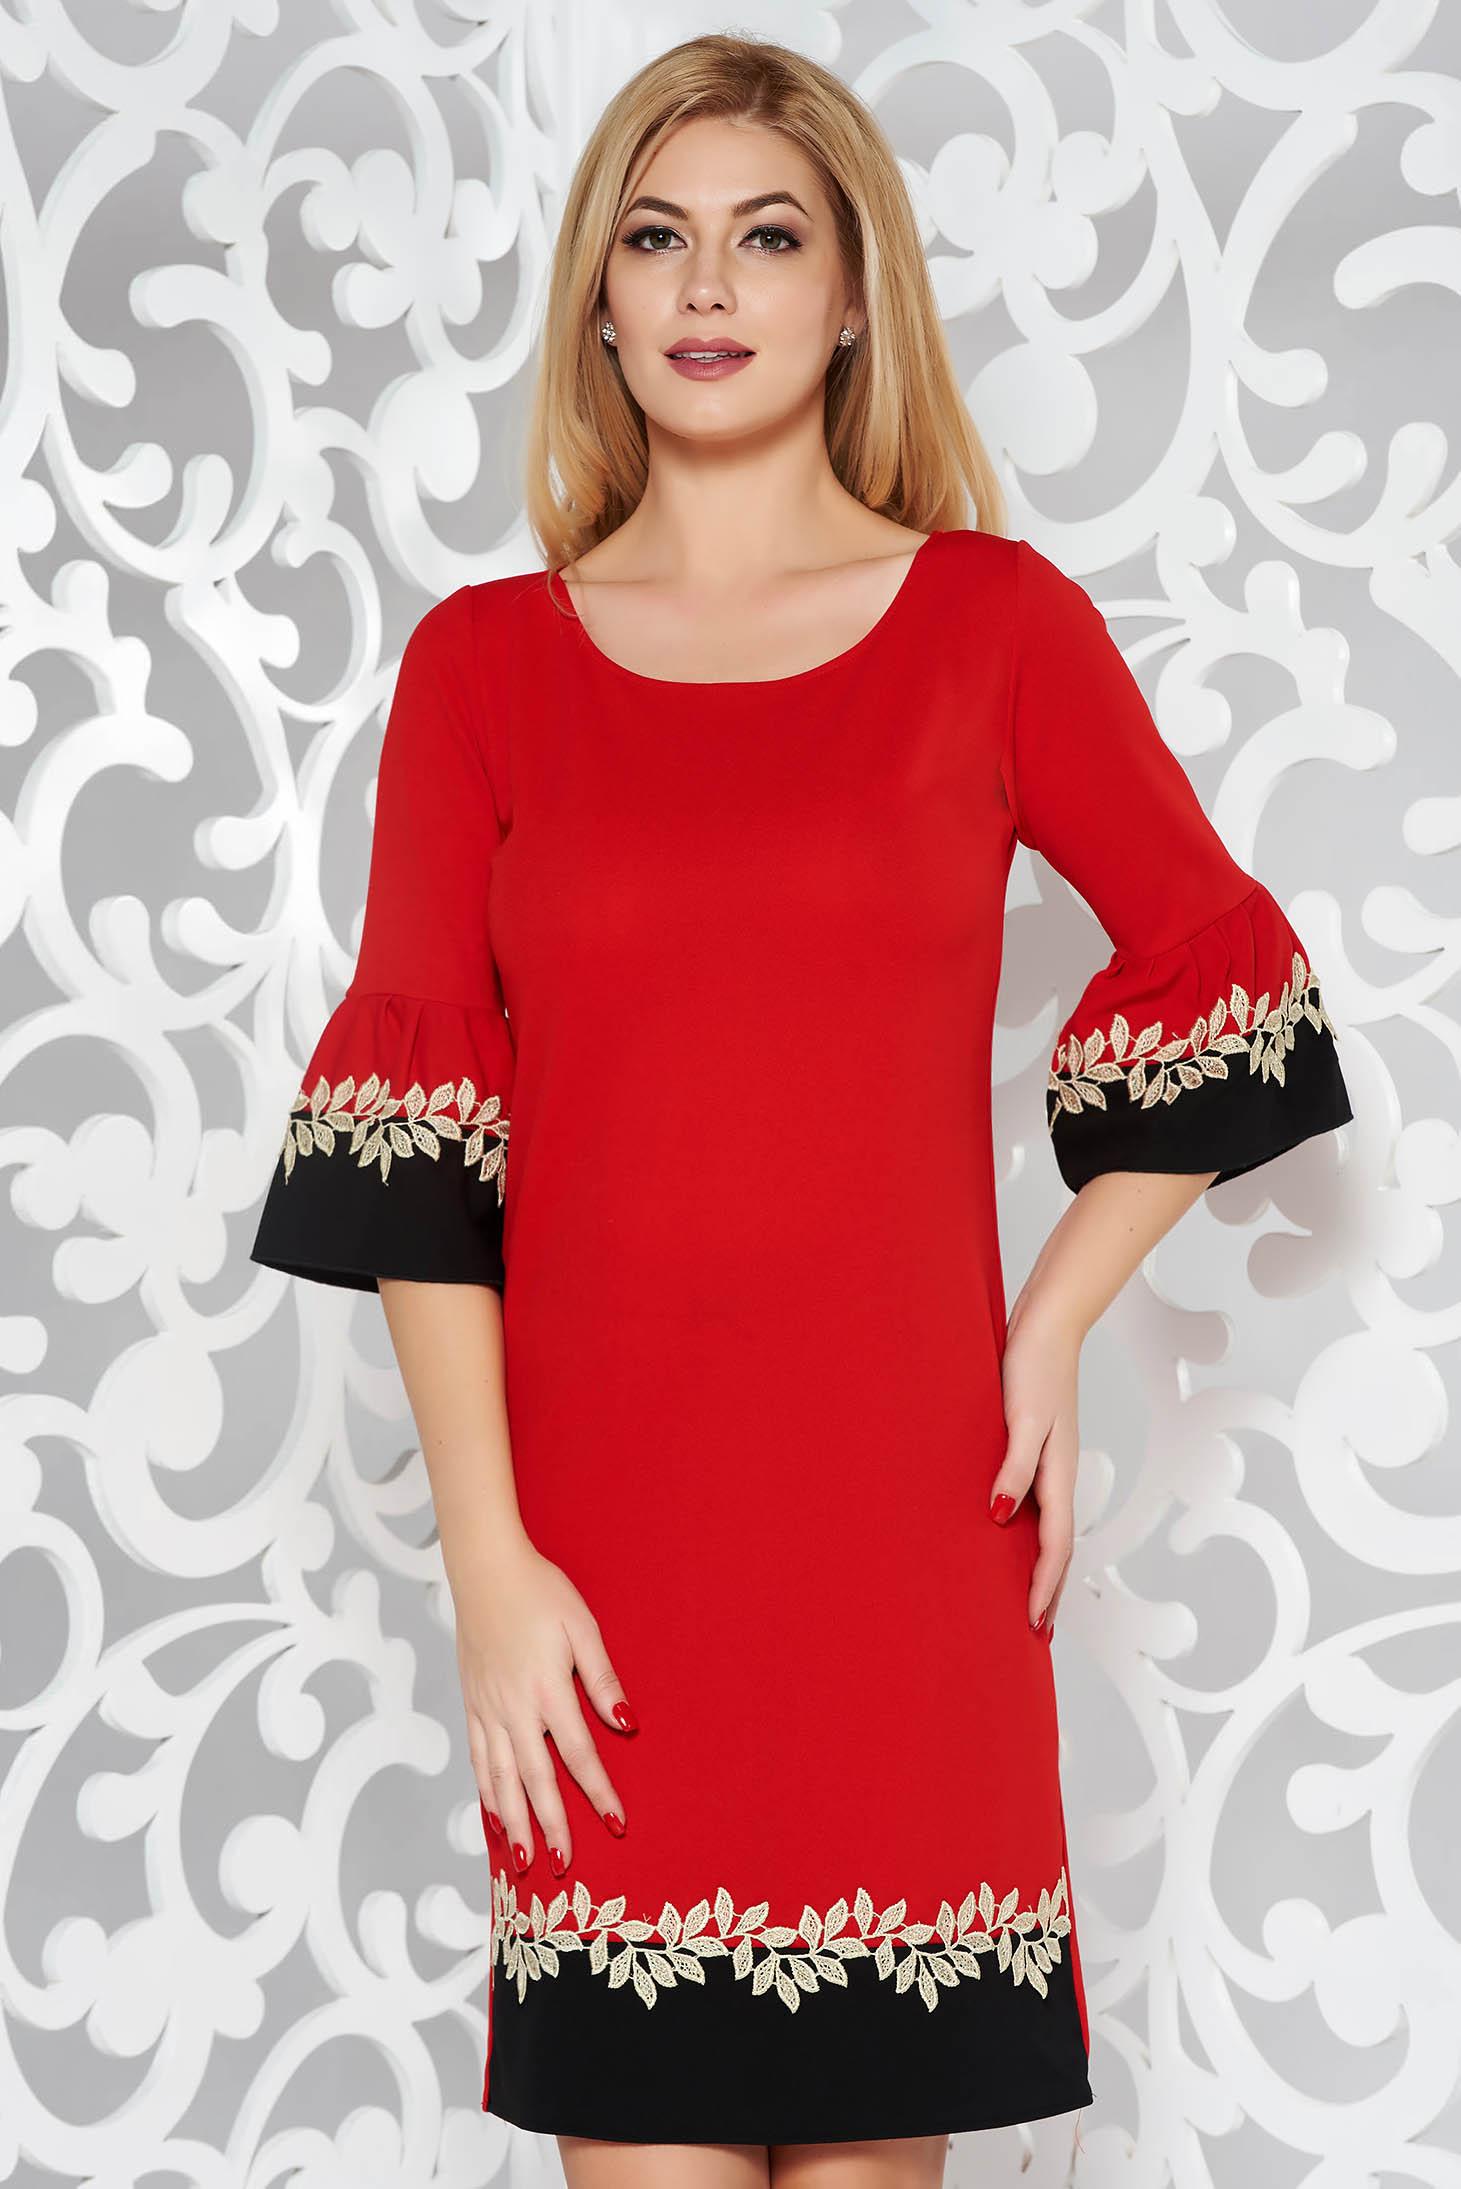 Rochie rosie eleganta cu un croi drept cu maneci clopot cu aplicatii de dantela din material elastic